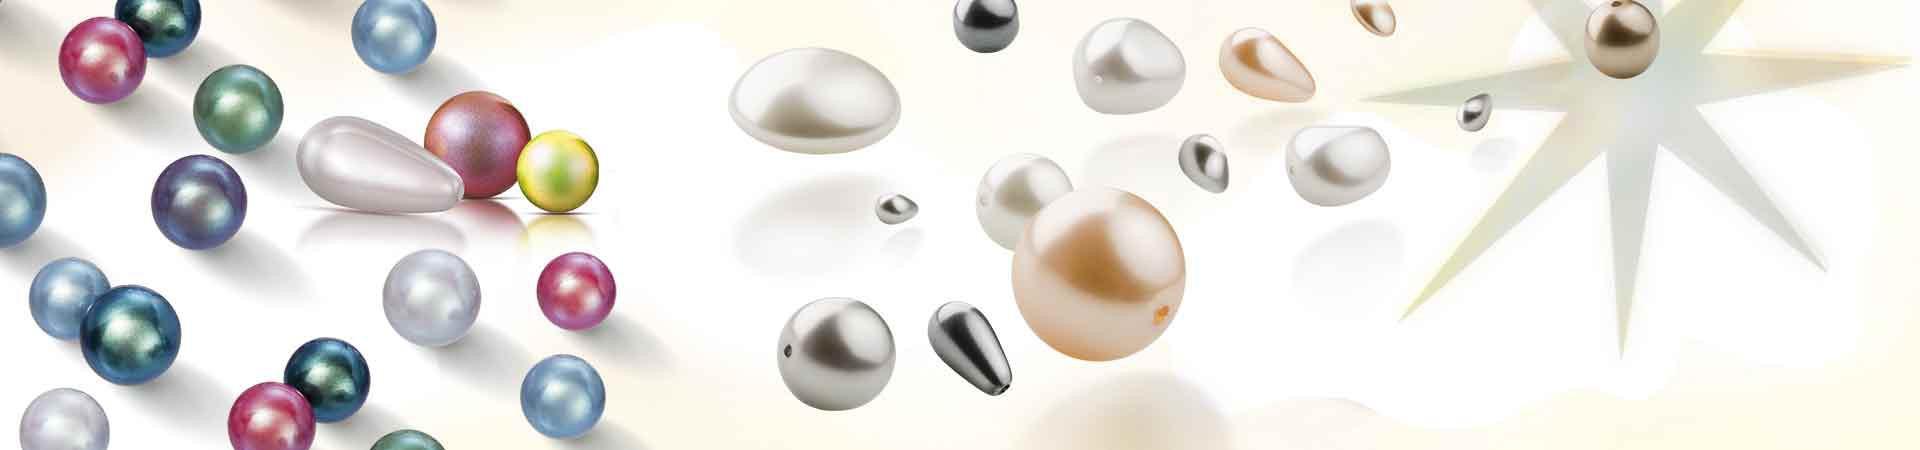 Имитации жемчуга Preciosa в совершенстве имитируют натуральный жемчуг